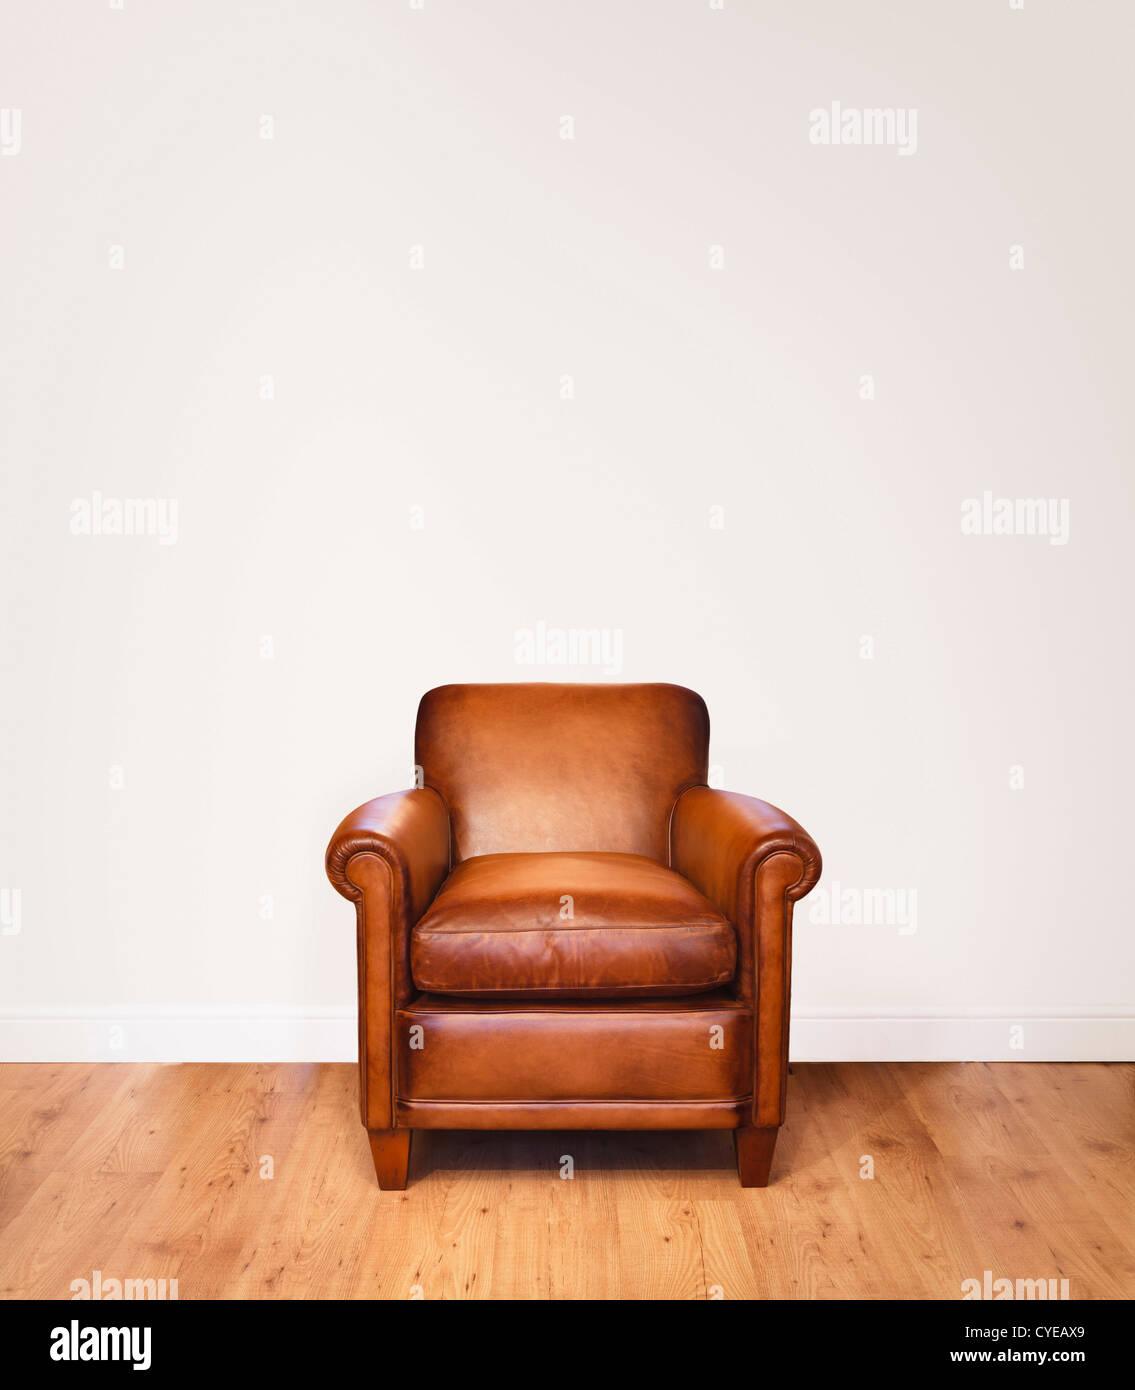 Ledersessel auf einem Holzfußboden vor einem weißen Hintergrund mit viel Platz für die Kopie.  Die Stockbild